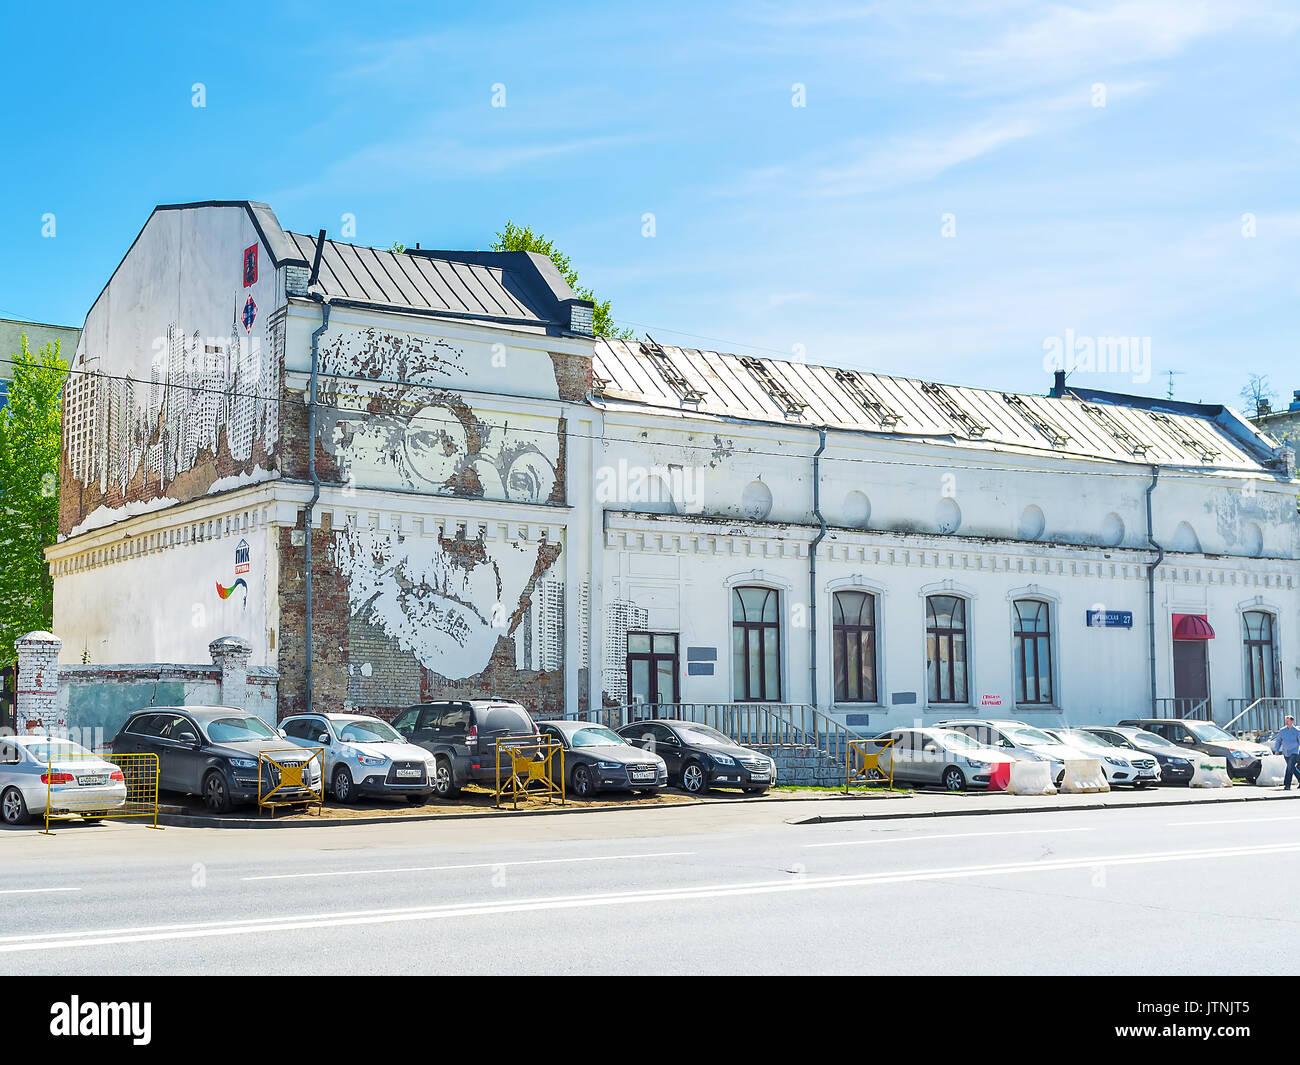 Mosca, Russia - 8 Maggio 2015: Il portret di Hermann Hesse sul vecchio edificio in Savvinskaya terrapieno, il prossimo 8 maggio a Mosca Immagini Stock